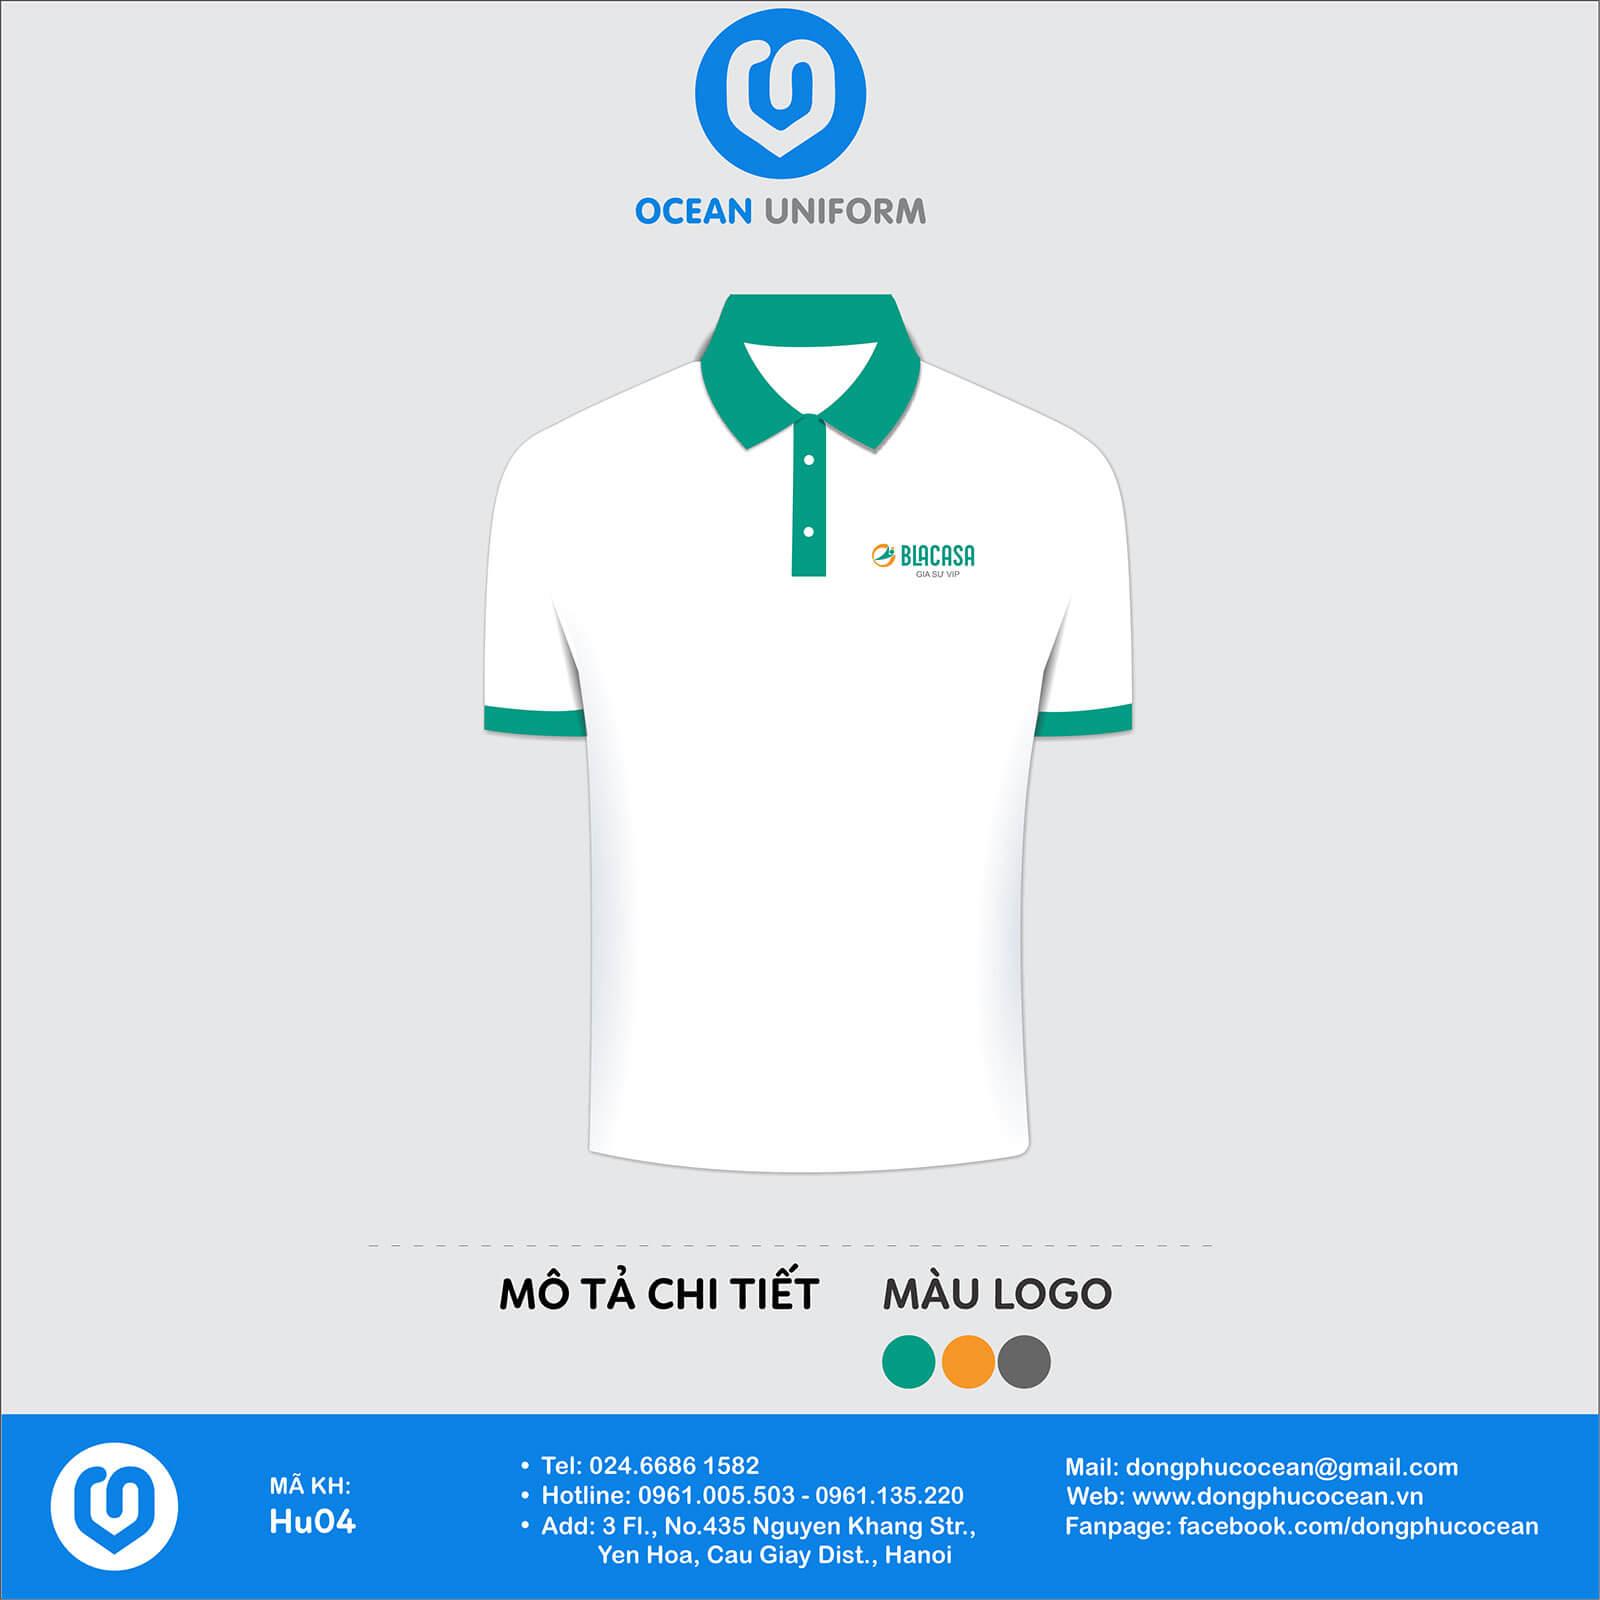 Đồng phục áo phông quảng cáo, sự kiện HU04